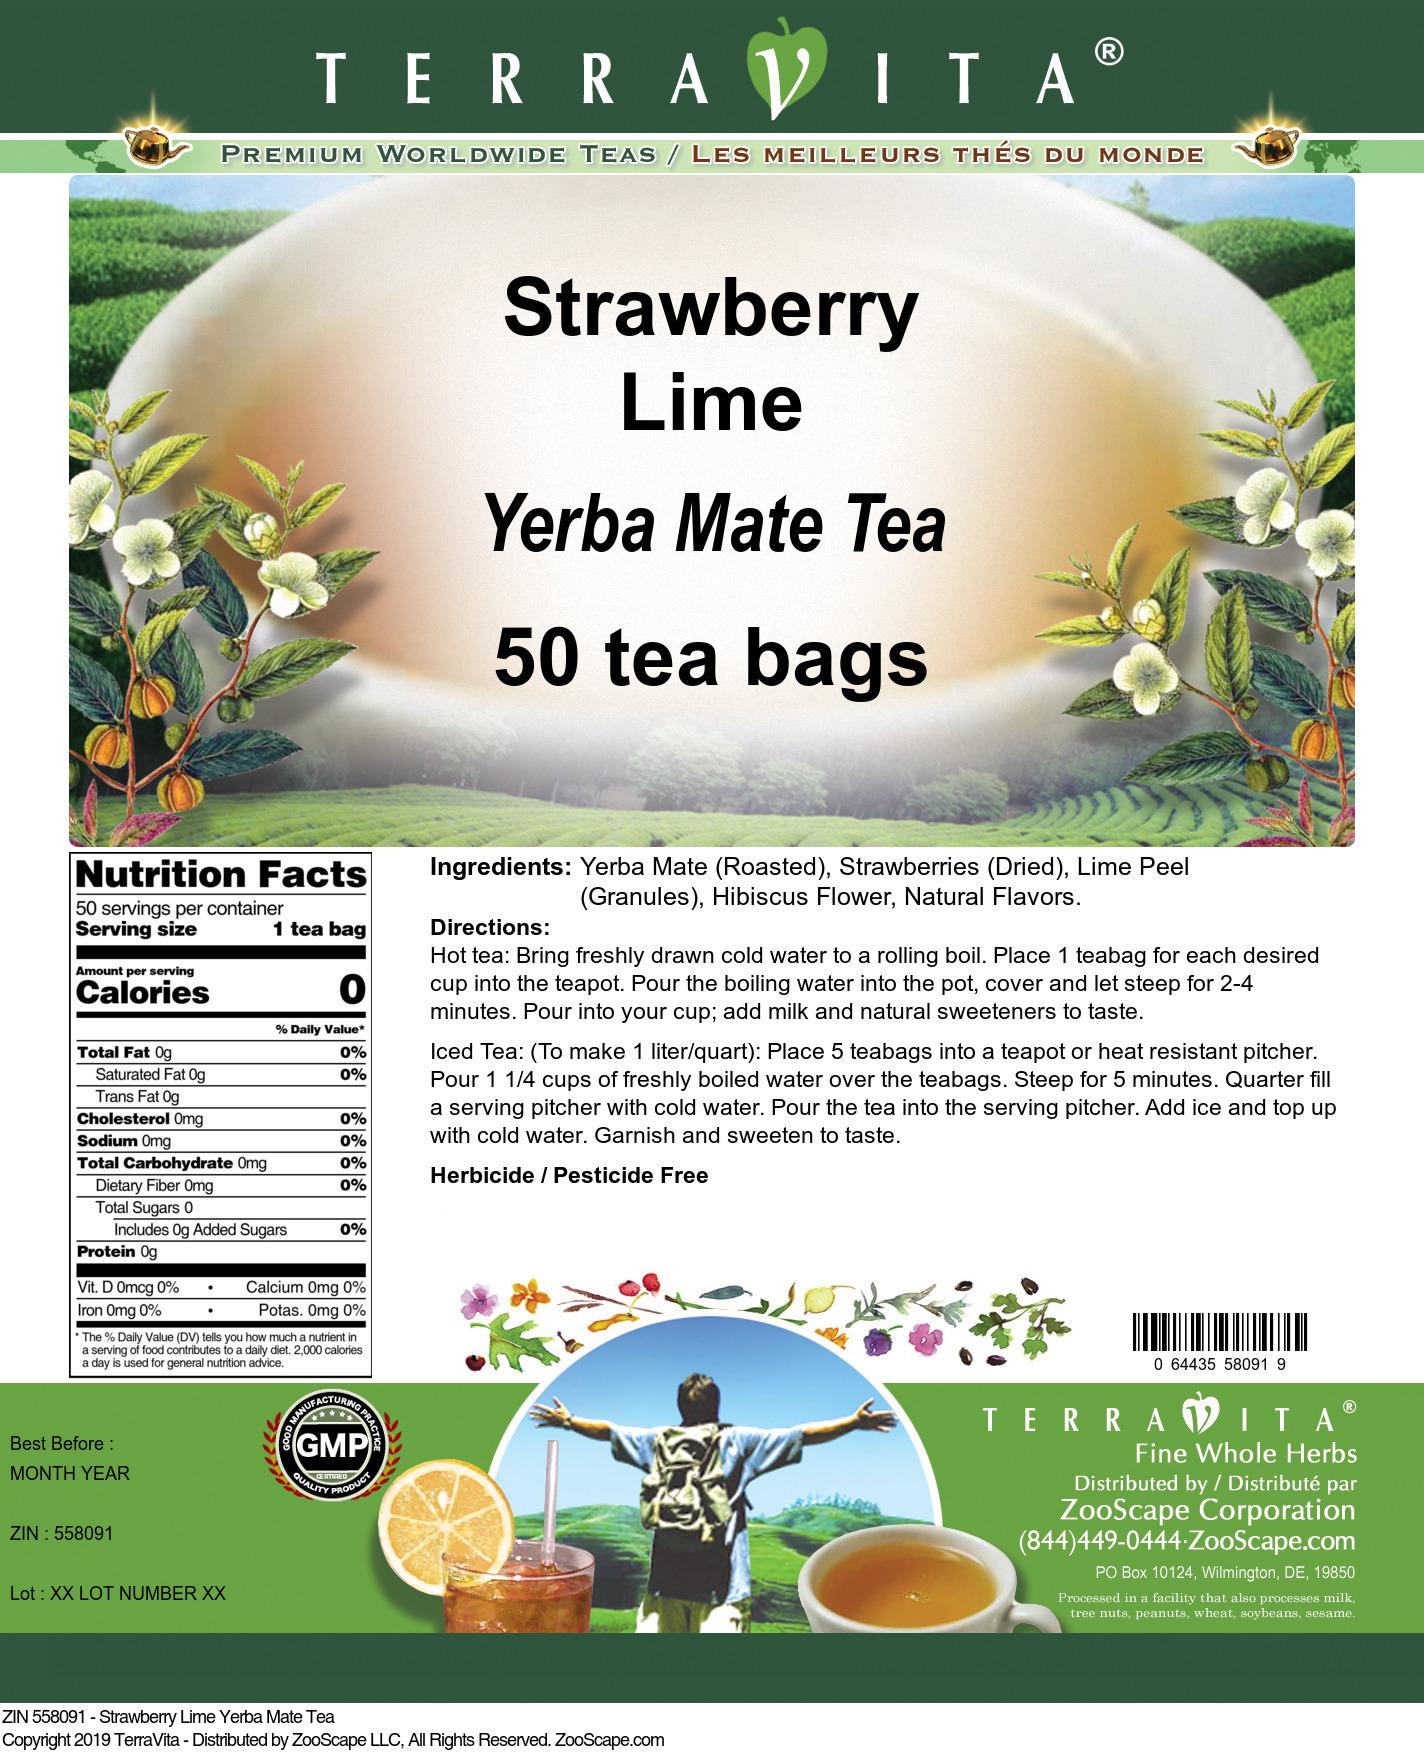 Strawberry Lime Yerba Mate Tea